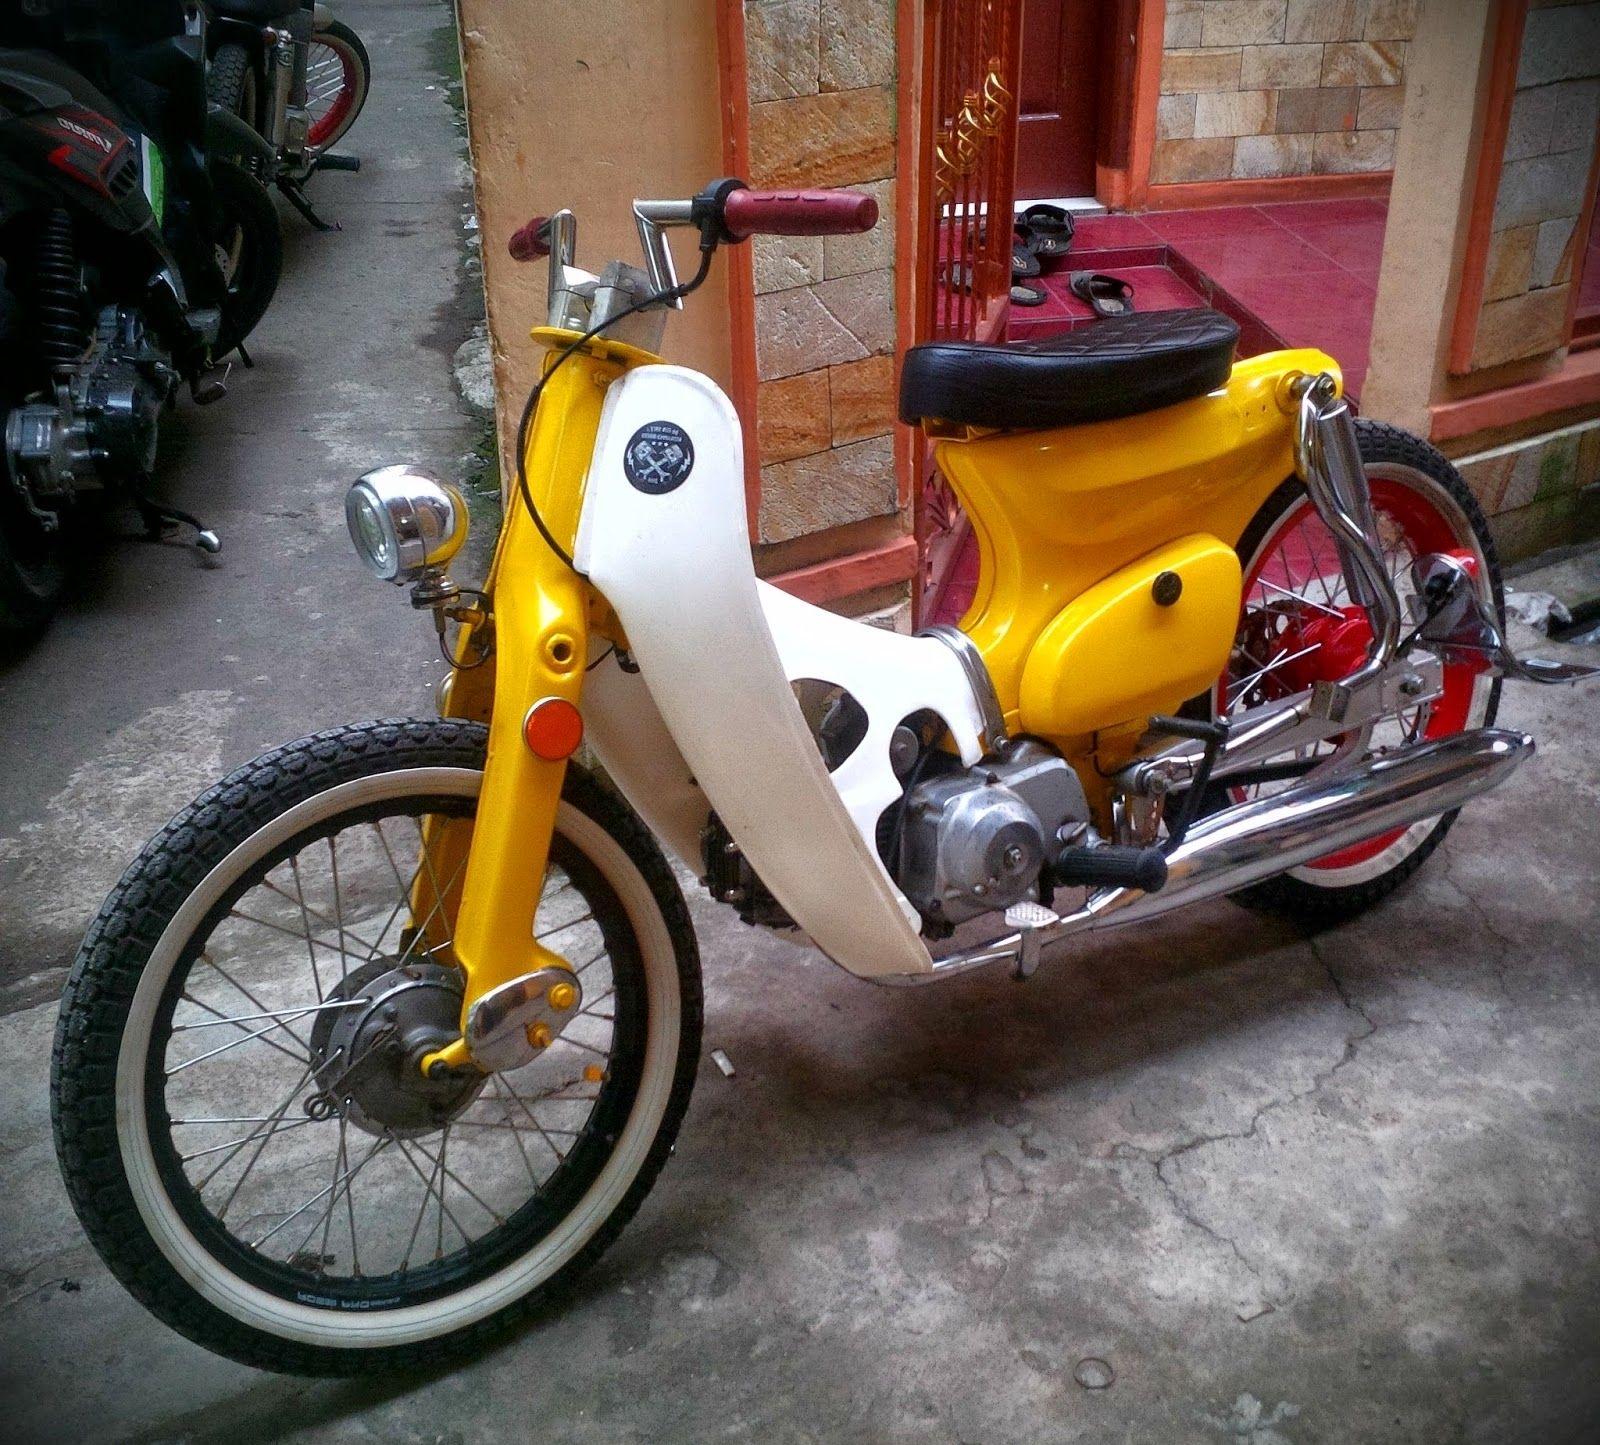 Modifikasi Motor Astrea 800 Untuk C70 Street Cub Marley Basic Astrea